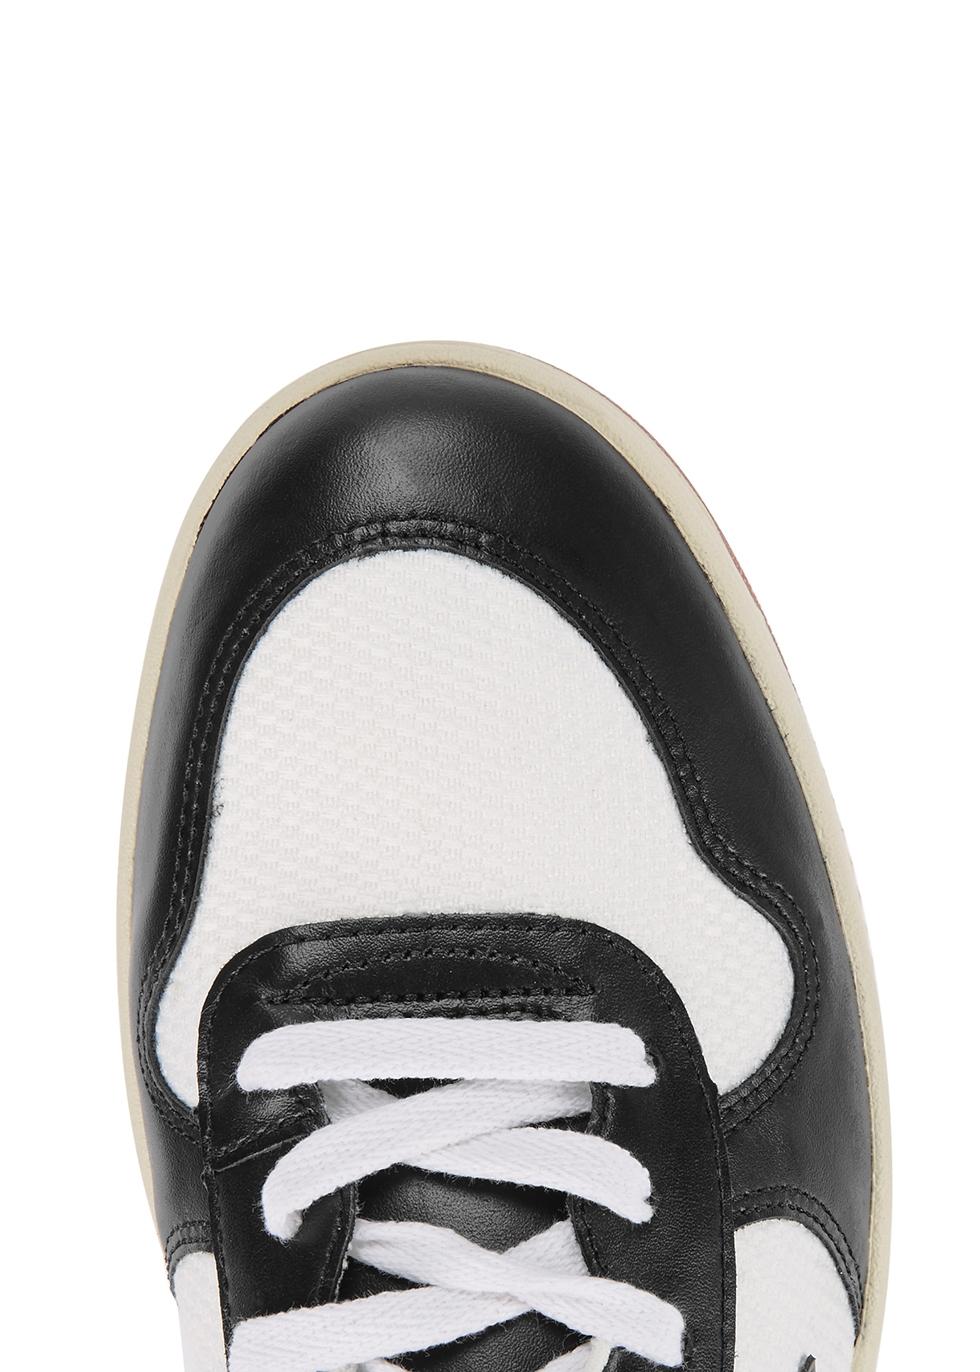 Bastille V-10 leather trainers - Veja